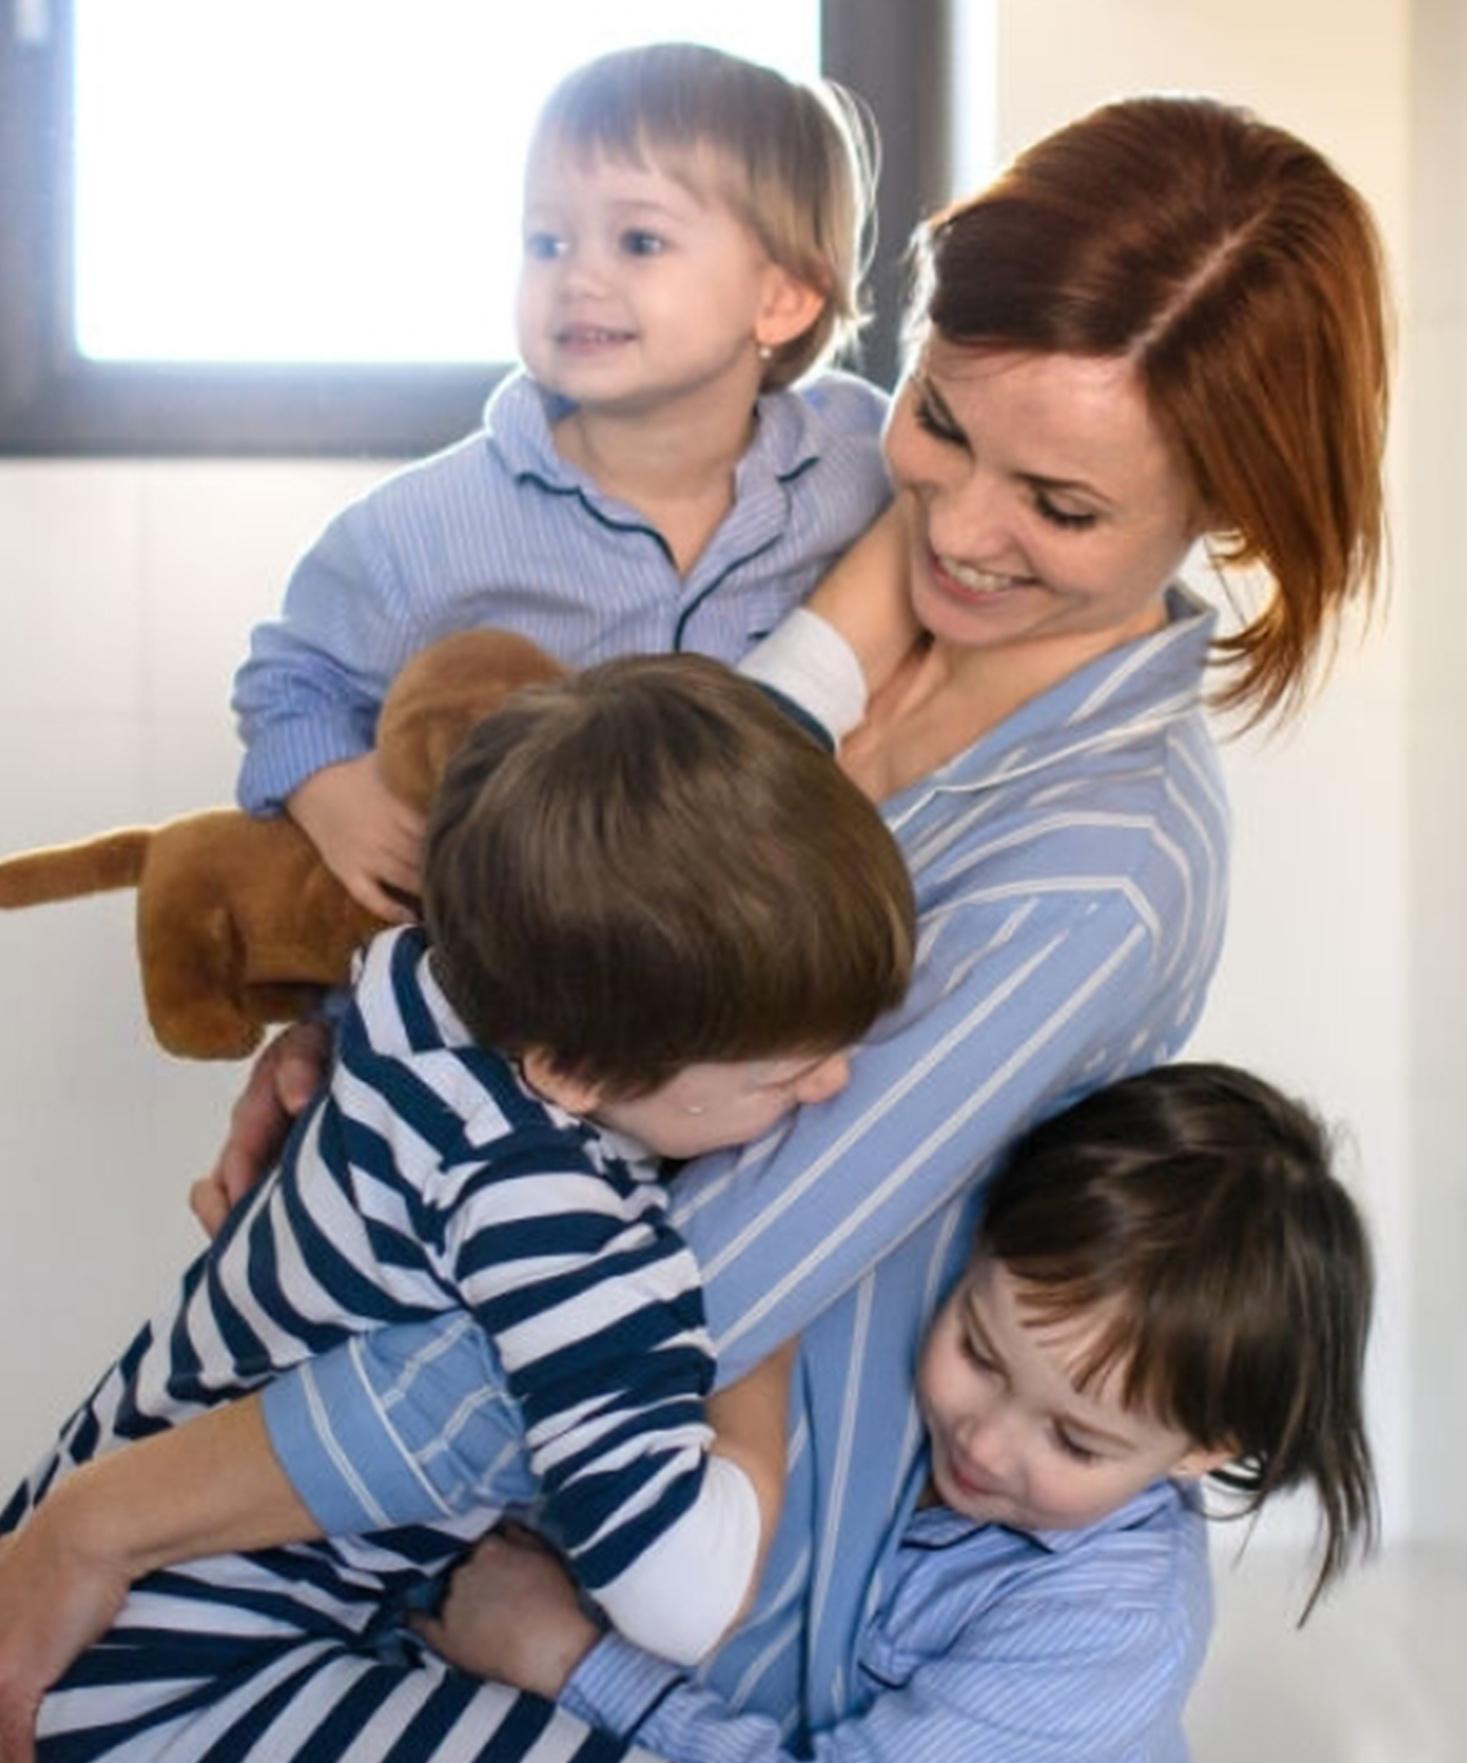 Comment favoriser l'épanouissement de votre enfant ?